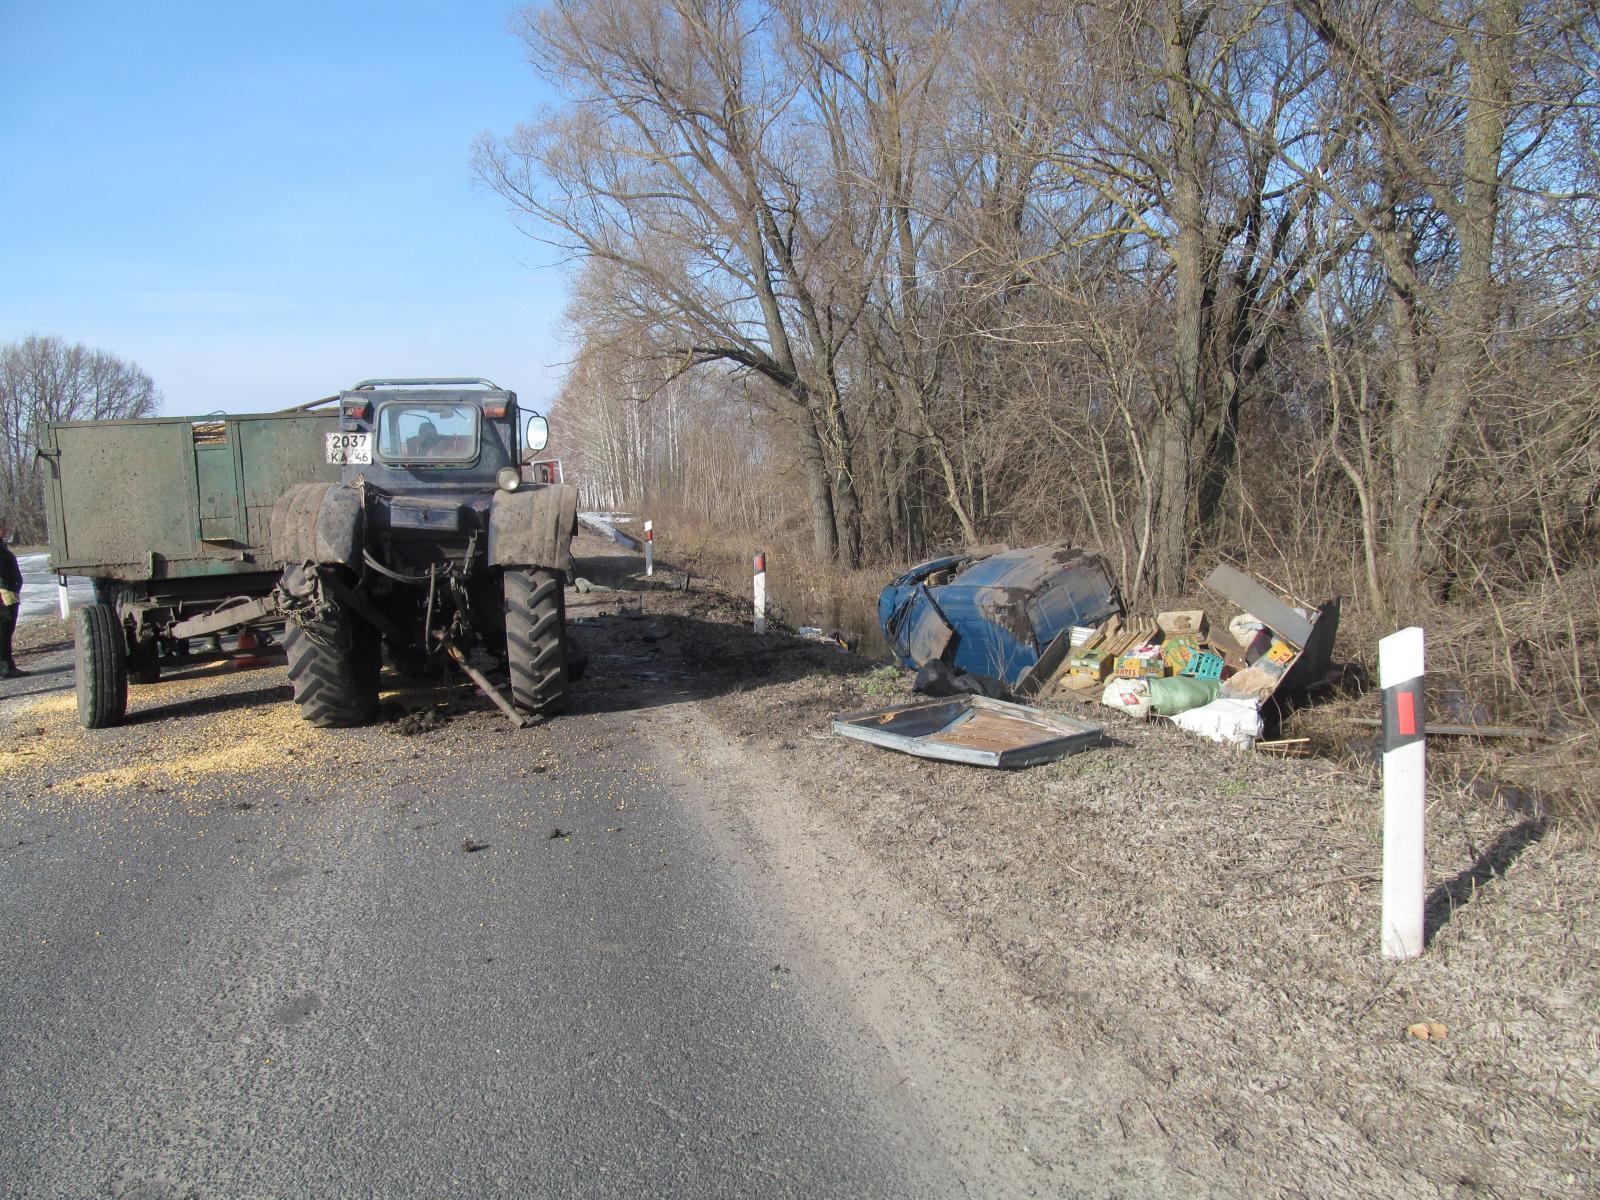 ВКурской области двое человек погибли вДТП после столкновения страктором